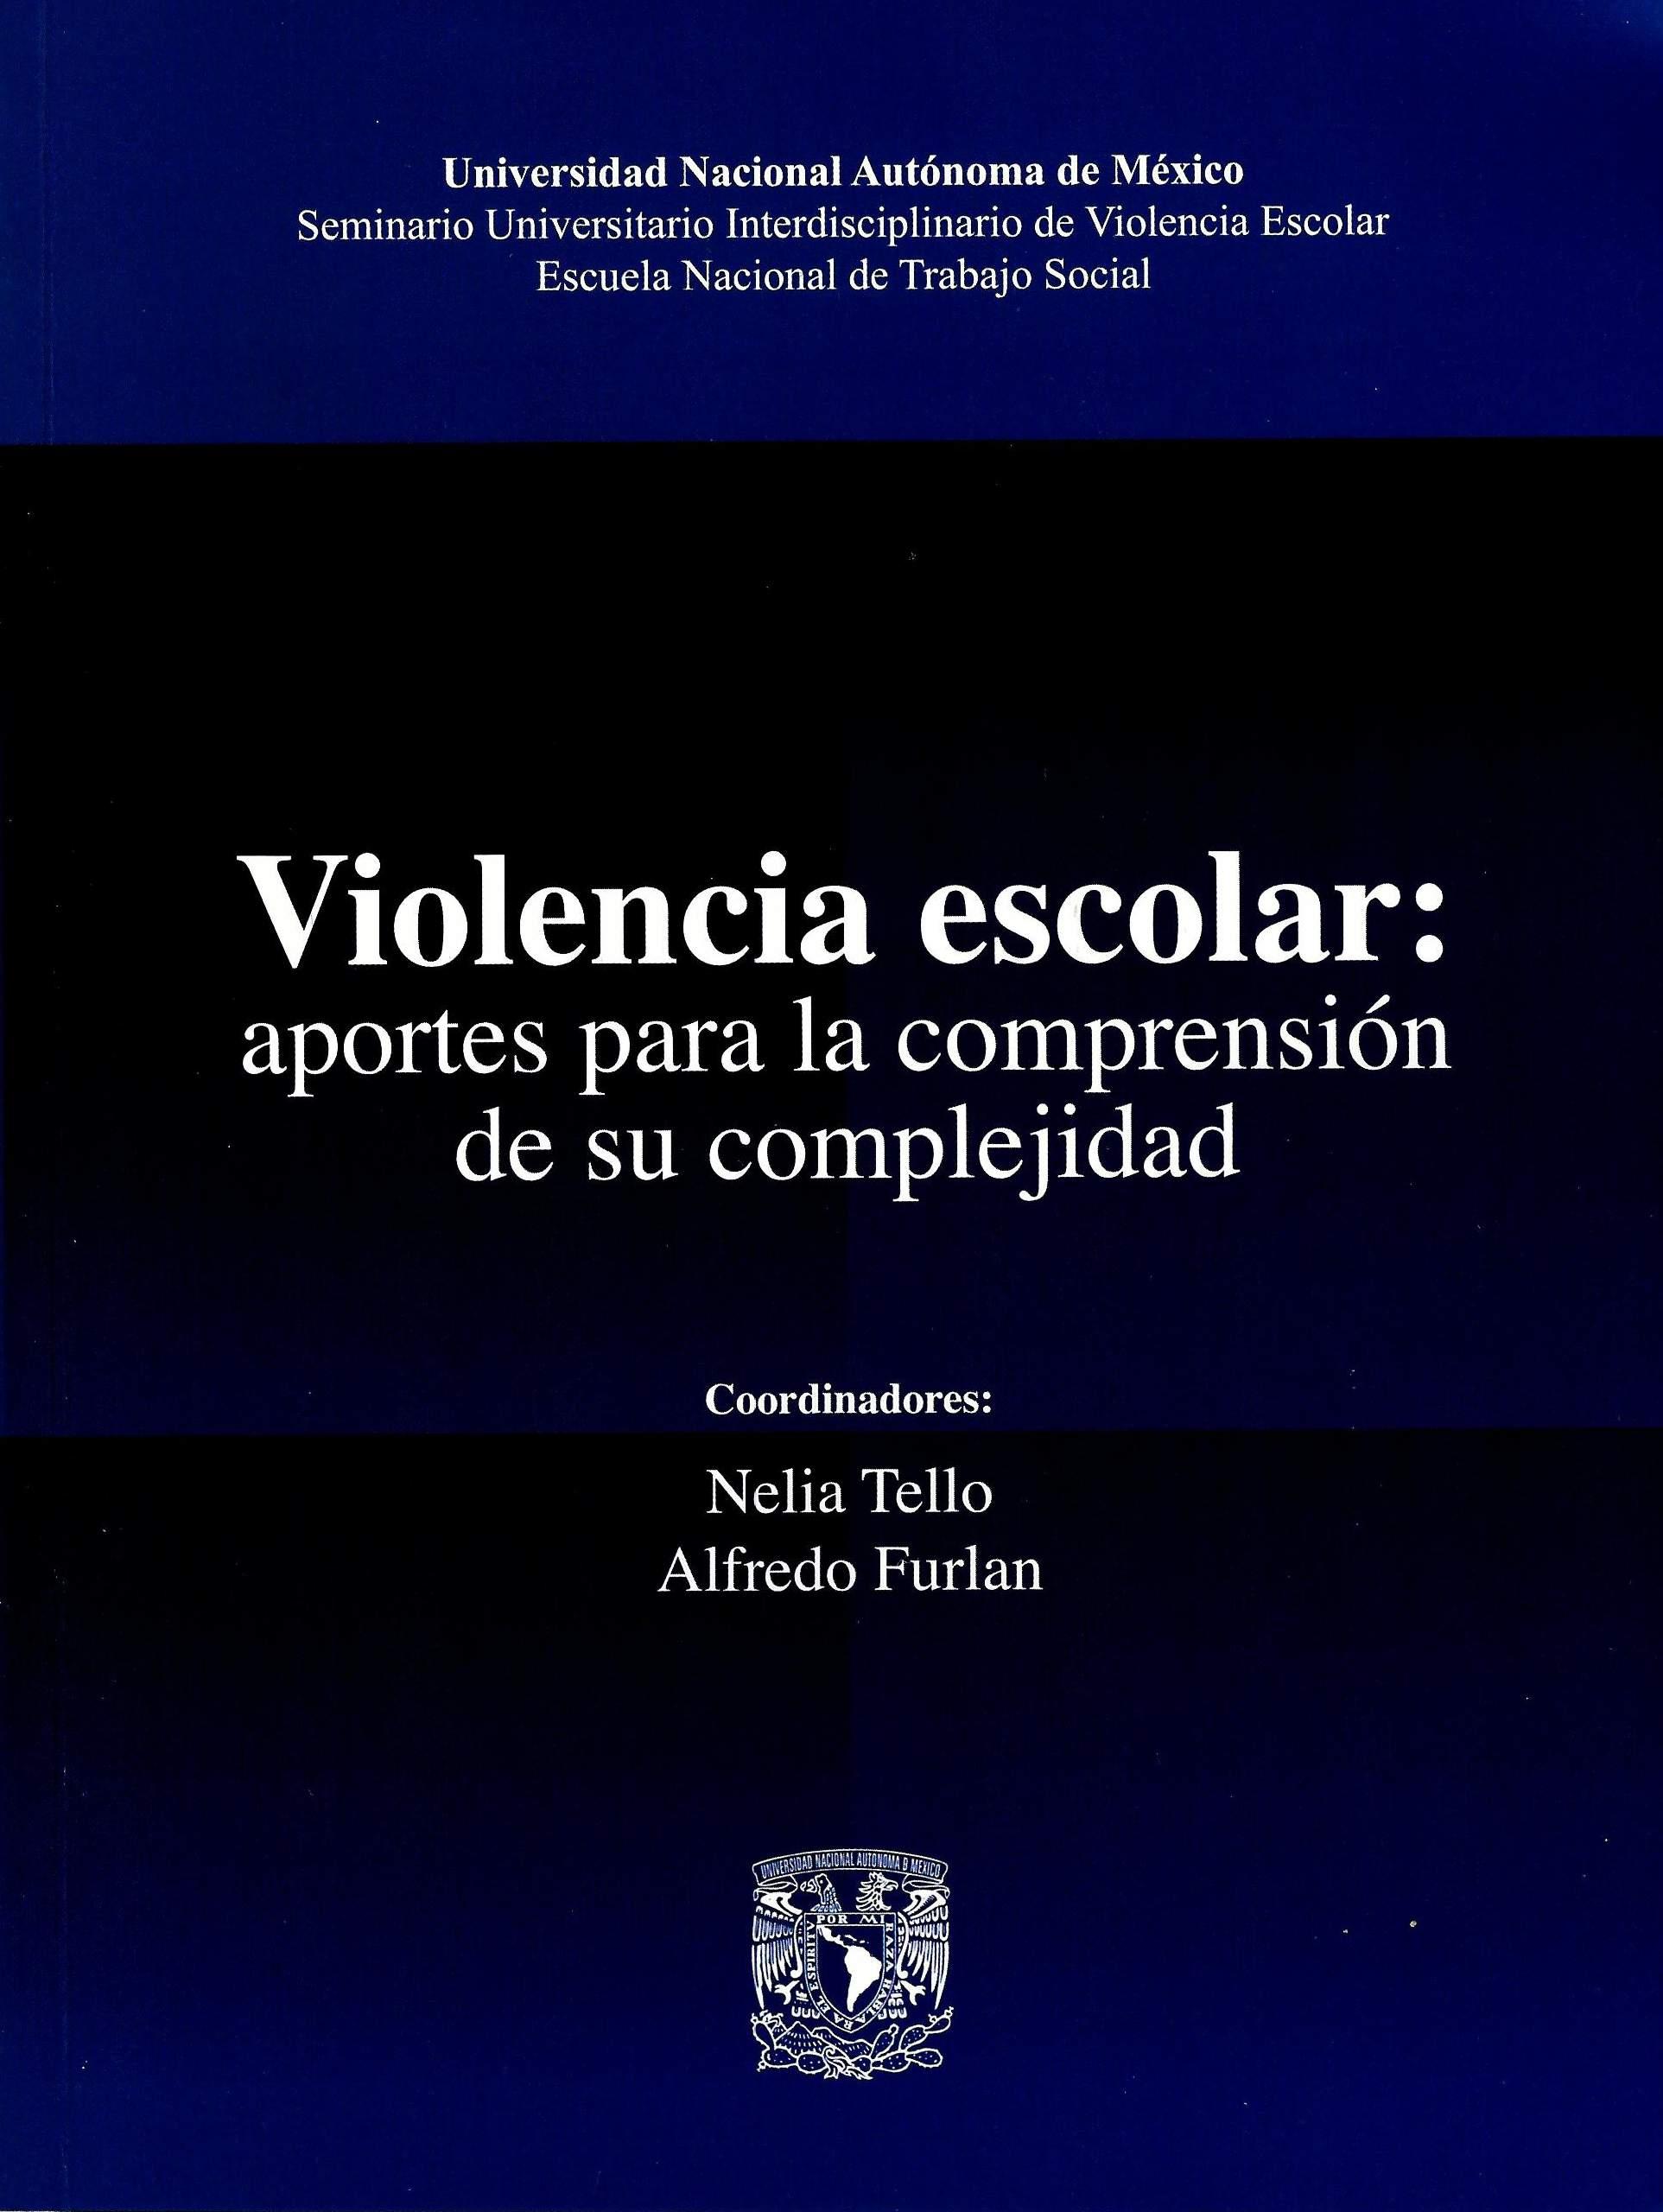 Violencia escolar: aportes para la comprensión de su complejidad